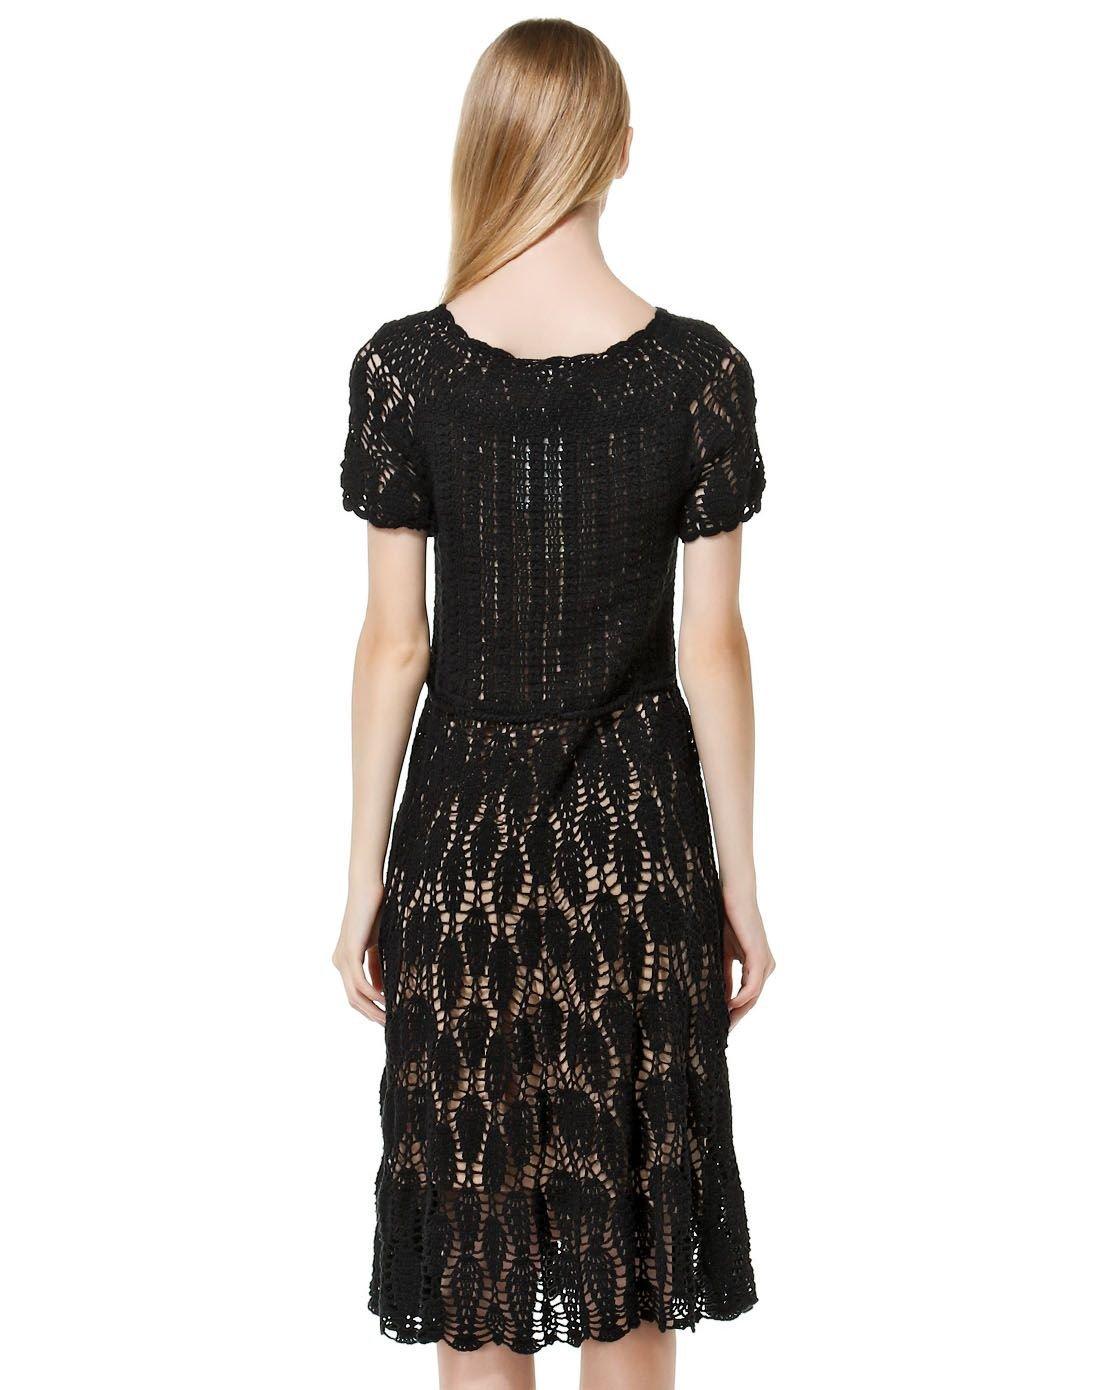 黑长裙1.jpg